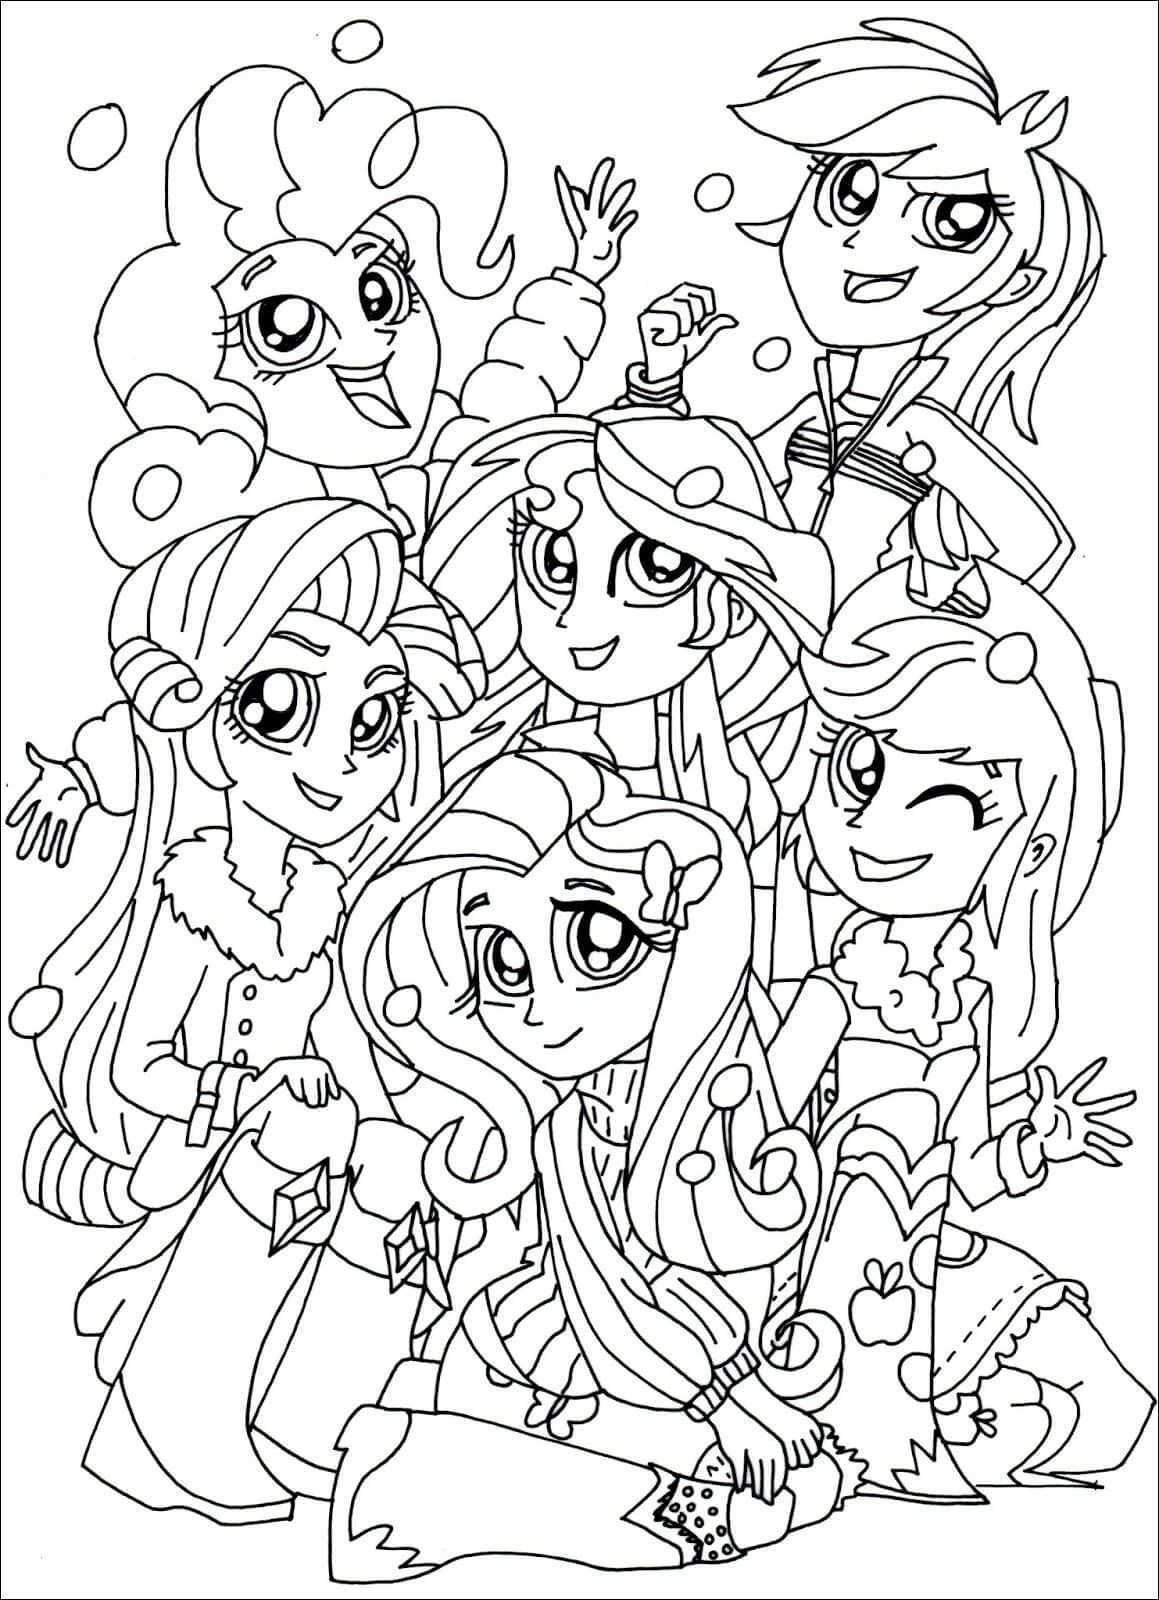 Ausmalbilder My Little Pony Rainbow Dash Frisch Malvorlage My Little Pony Bild Ausmalbilder Babys Elegant Baby Bilder